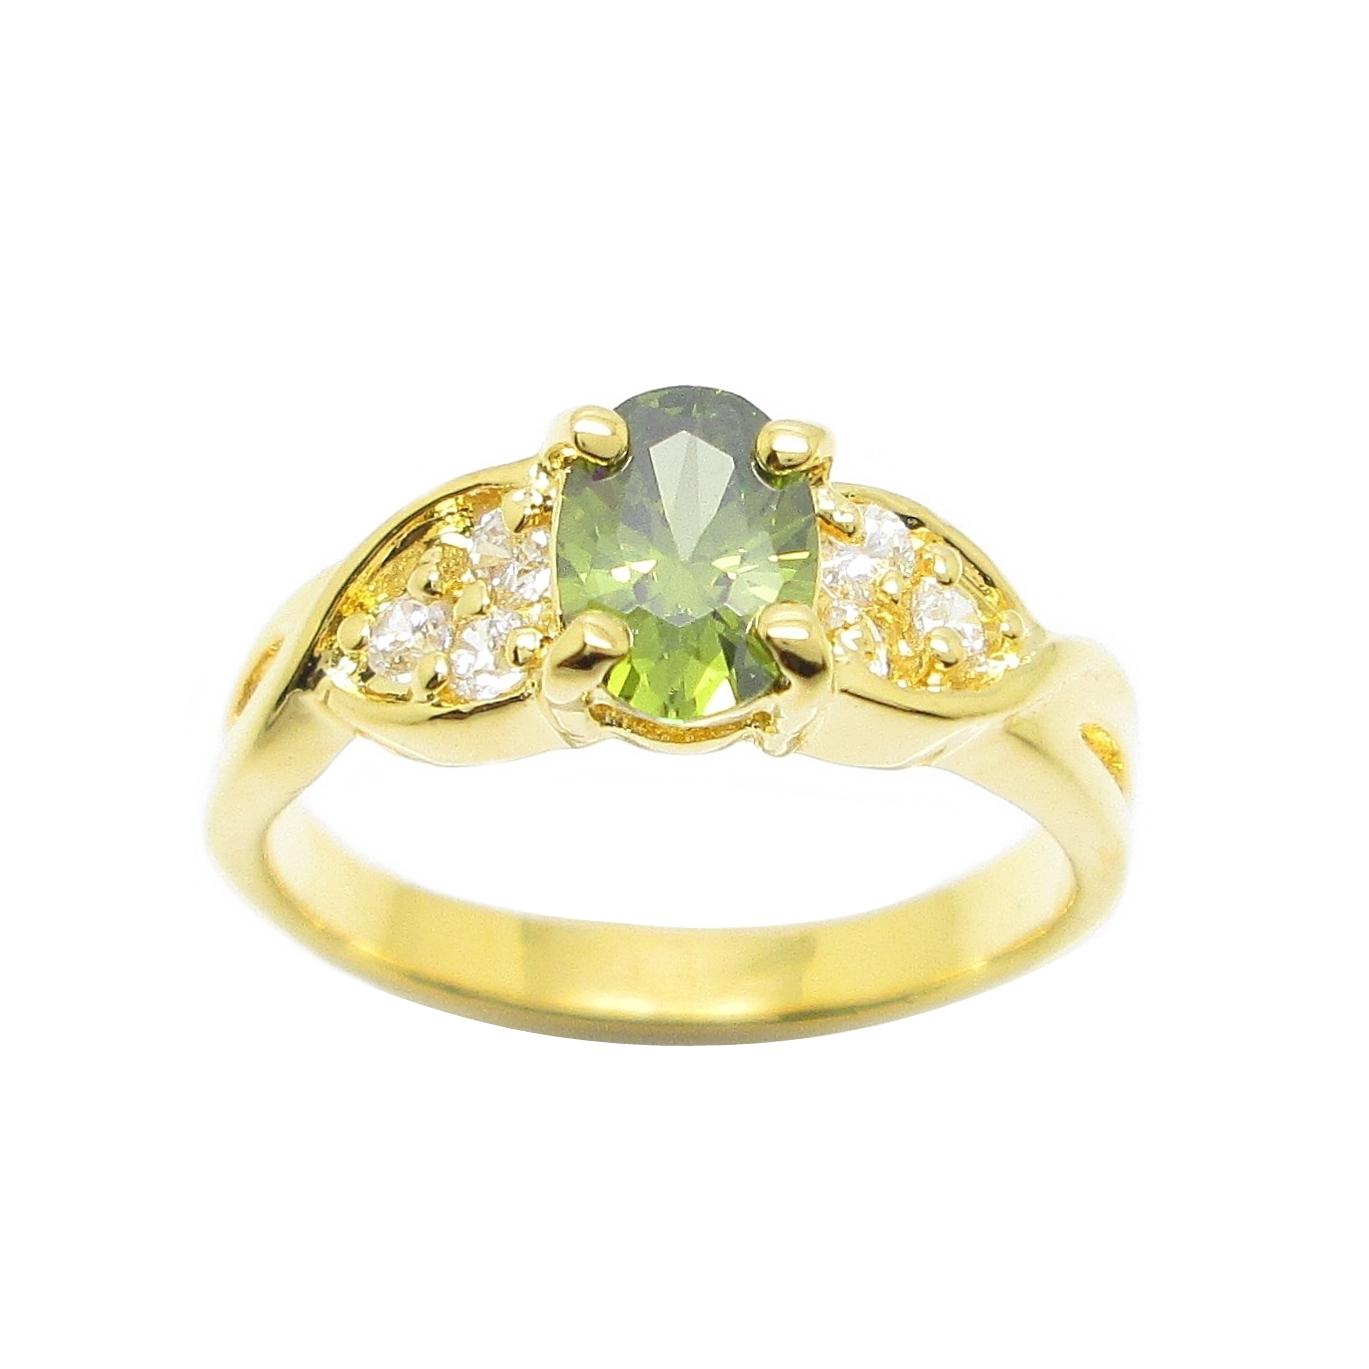 แหวนพลอยรูปไข่สีเขียวส่องประดับเพชรชุบทอง